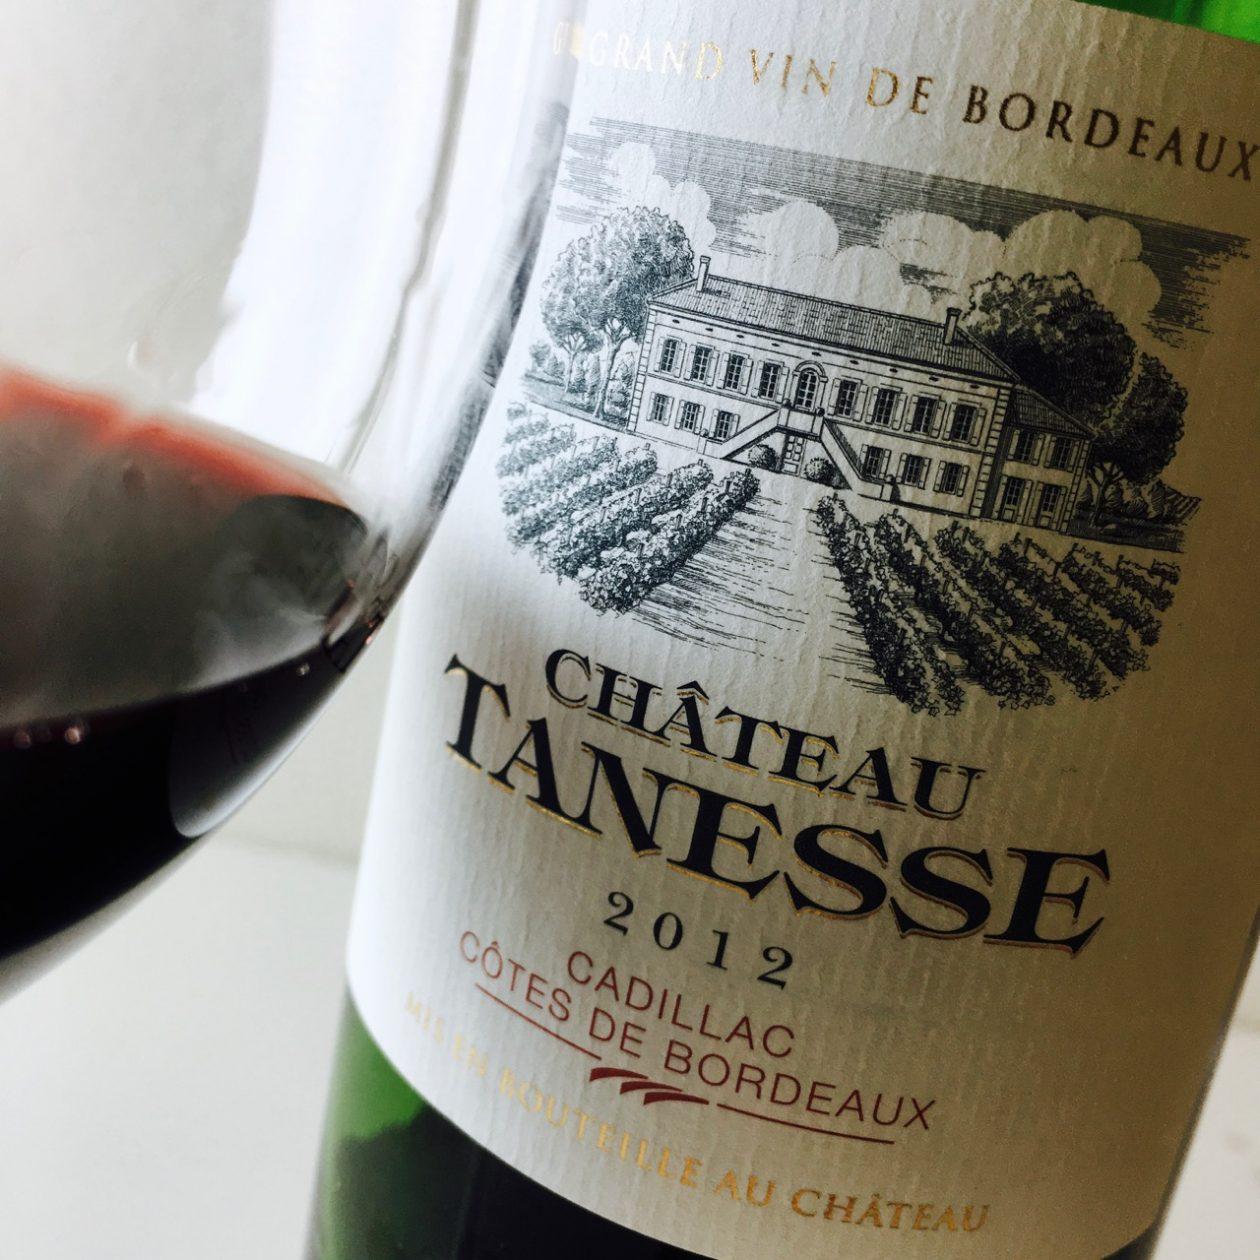 2012 Château Tanesse Cadillac Côtes de Bordeaux